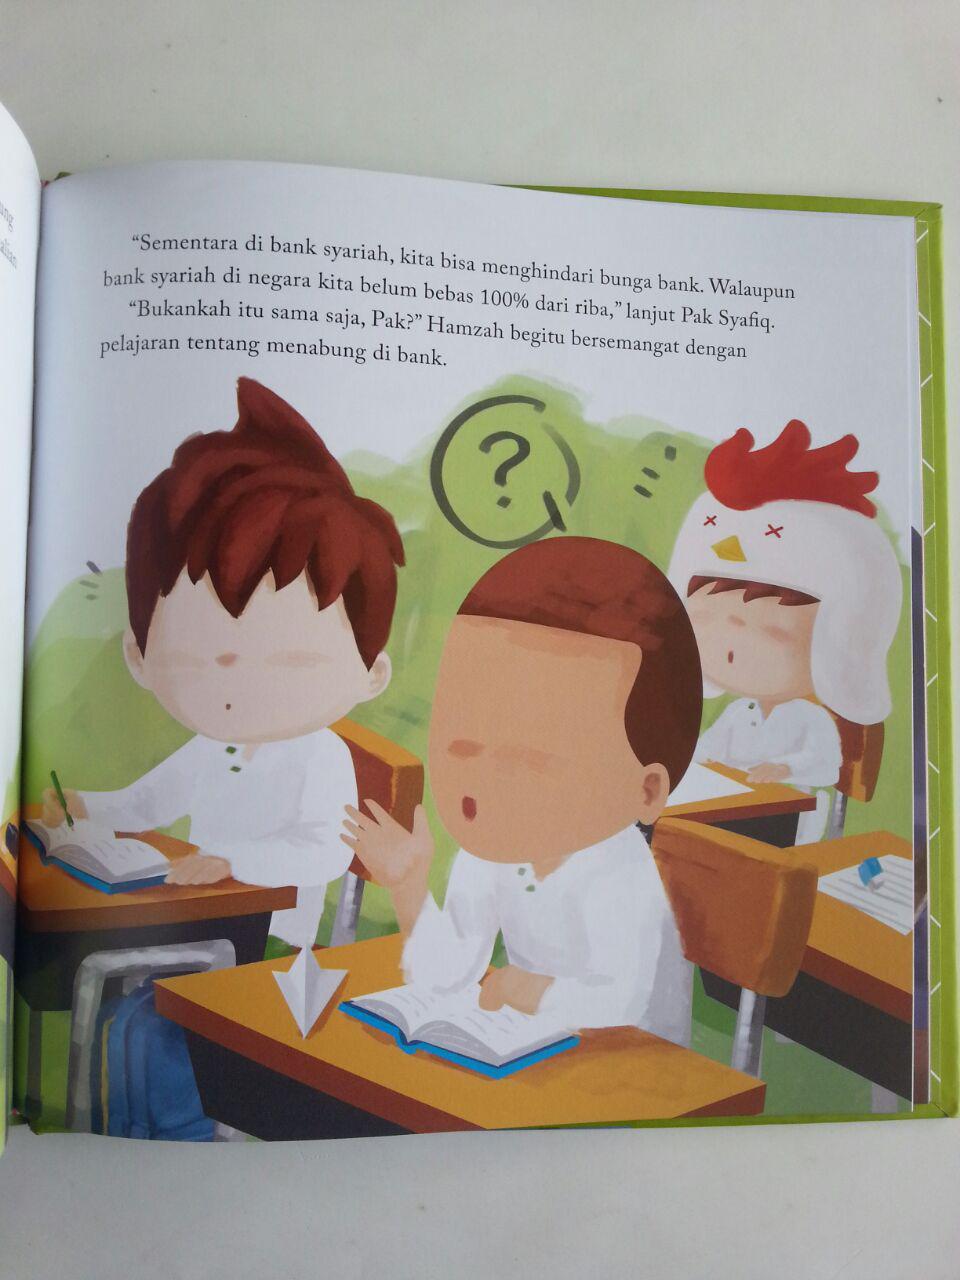 Buku Muamalah Untuk Anak Riba Yang Dianggap Biasa isi 3